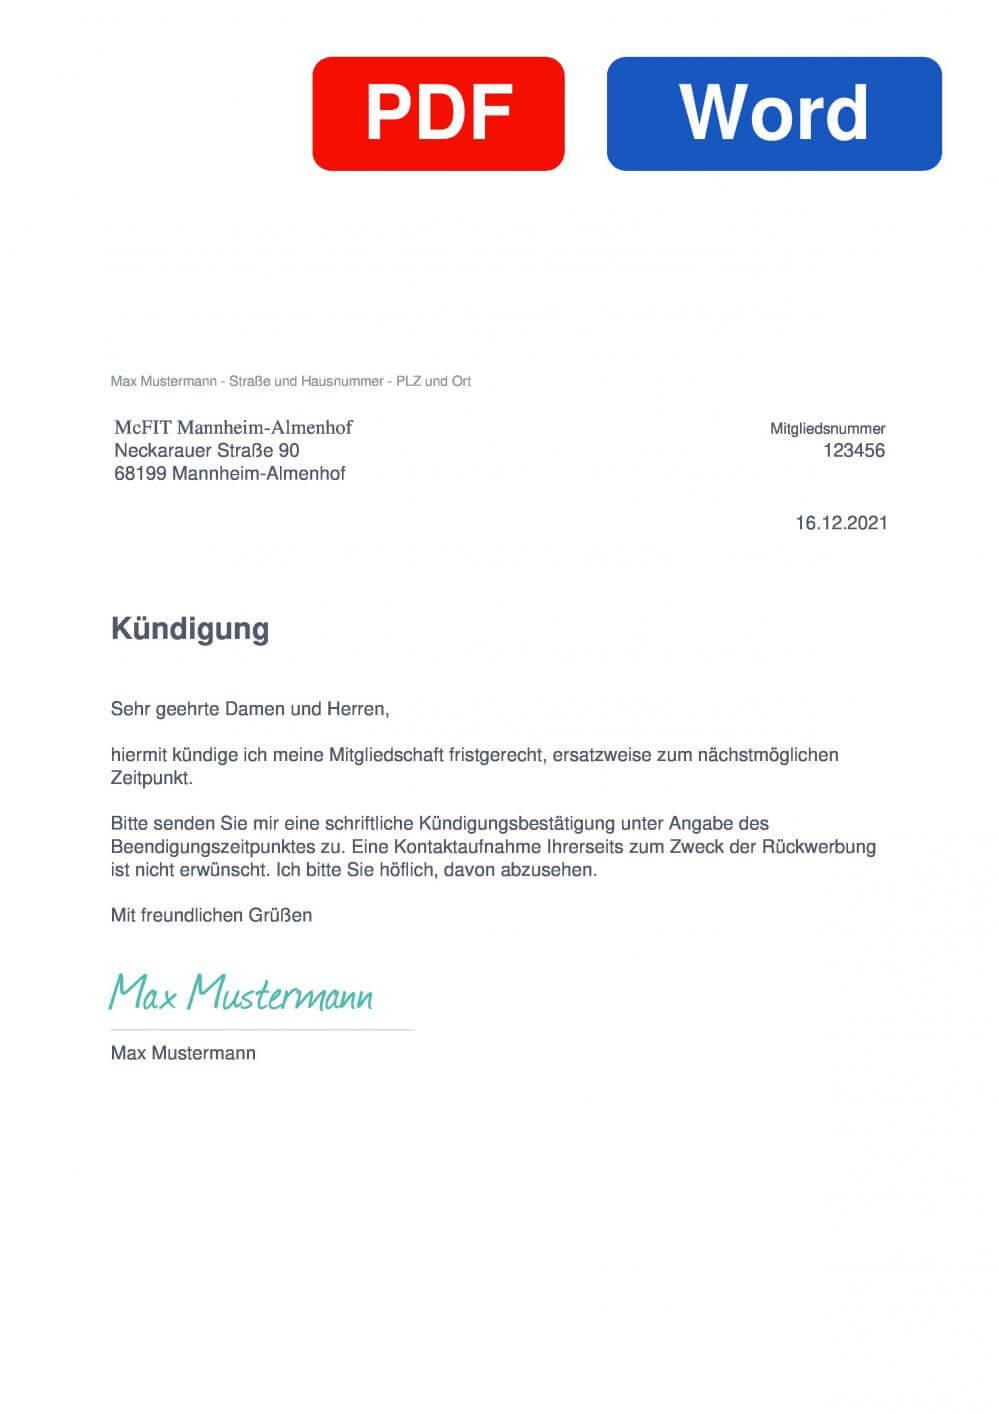 McFIT Mannheim-Almenhof Muster Vorlage für Kündigungsschreiben